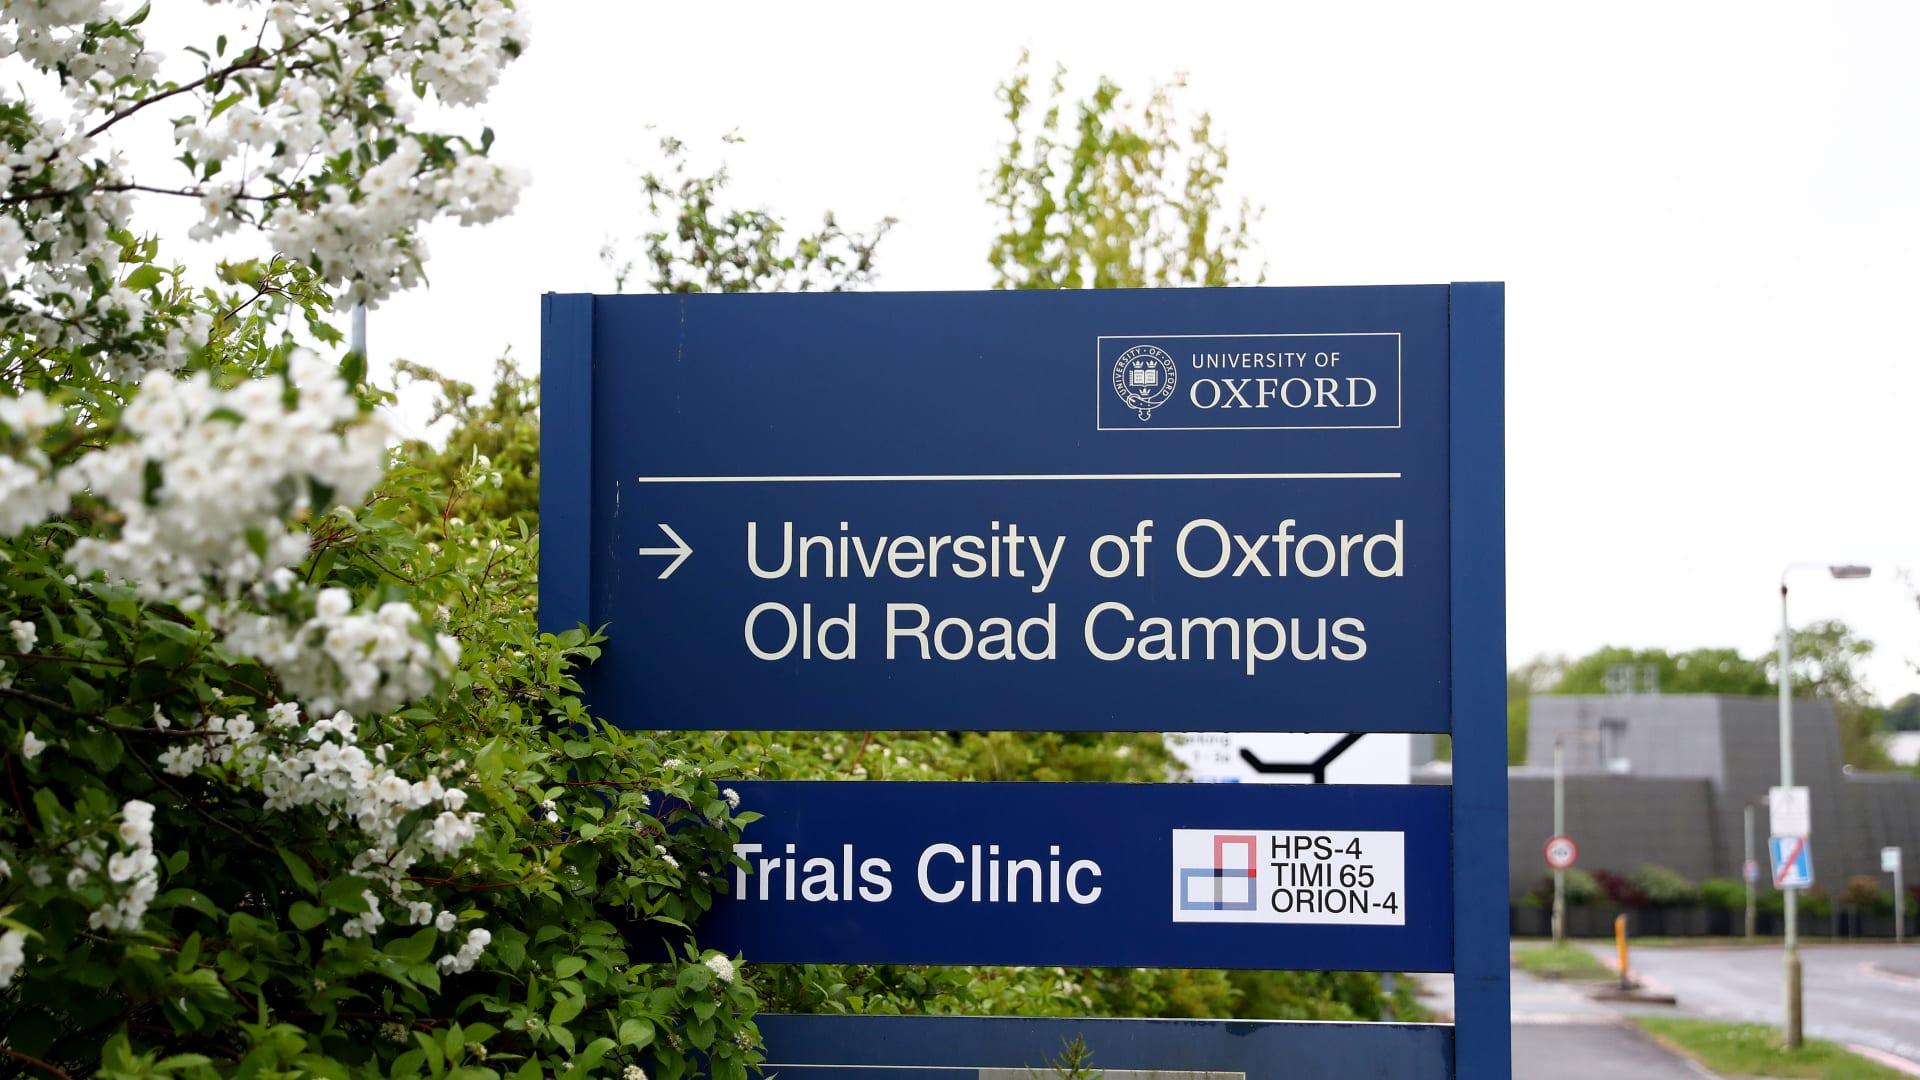 متطوعون في تجارب لقاح فيروس كورونا بجامعة أوكسفورد يتحدثون عن التجربة